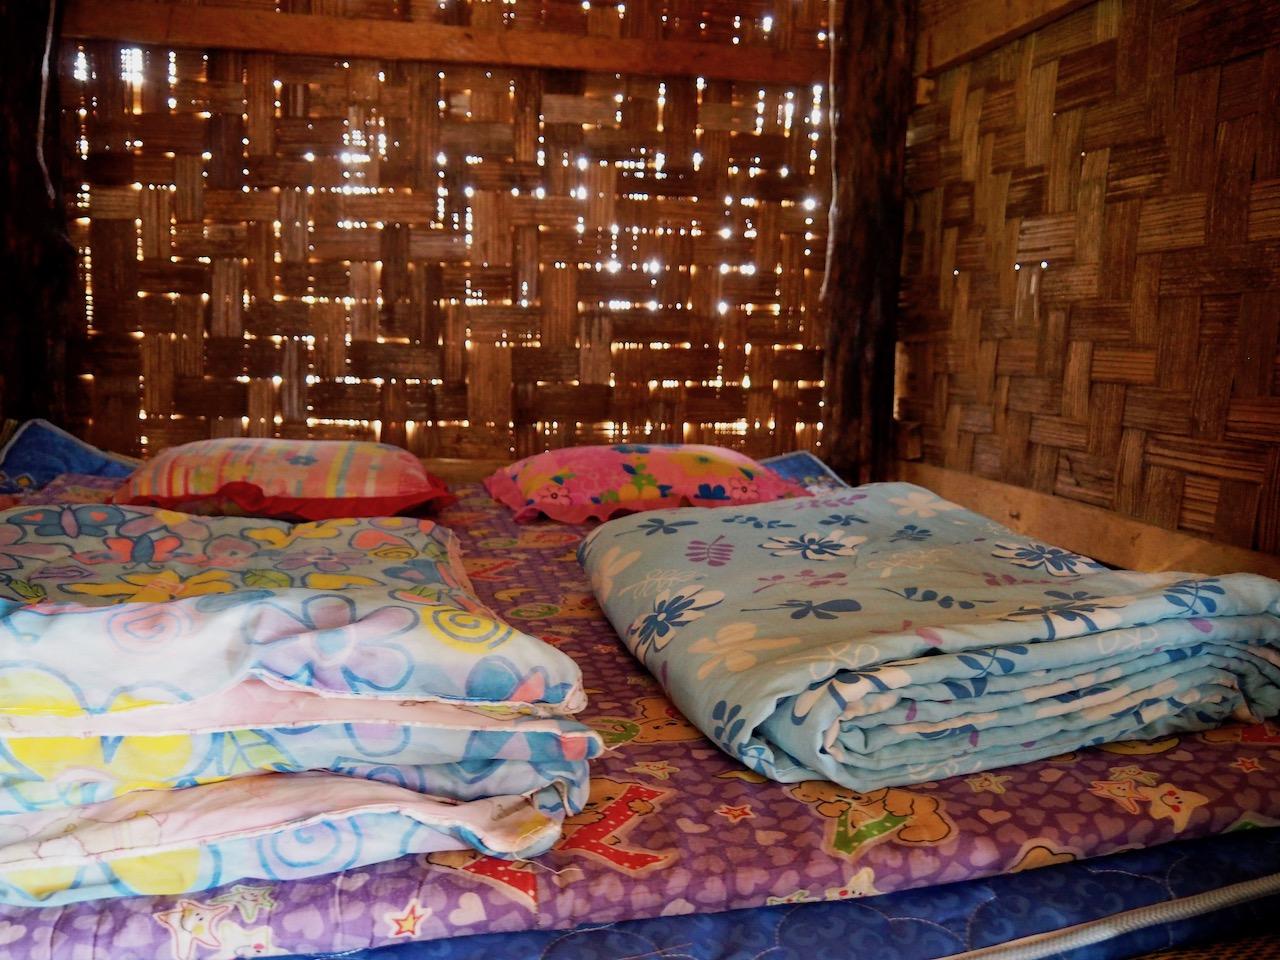 Une nuit dans les rizières de Ban Pa Pong Pieng dans la province de Chiang Mai : chambre de notre guest house